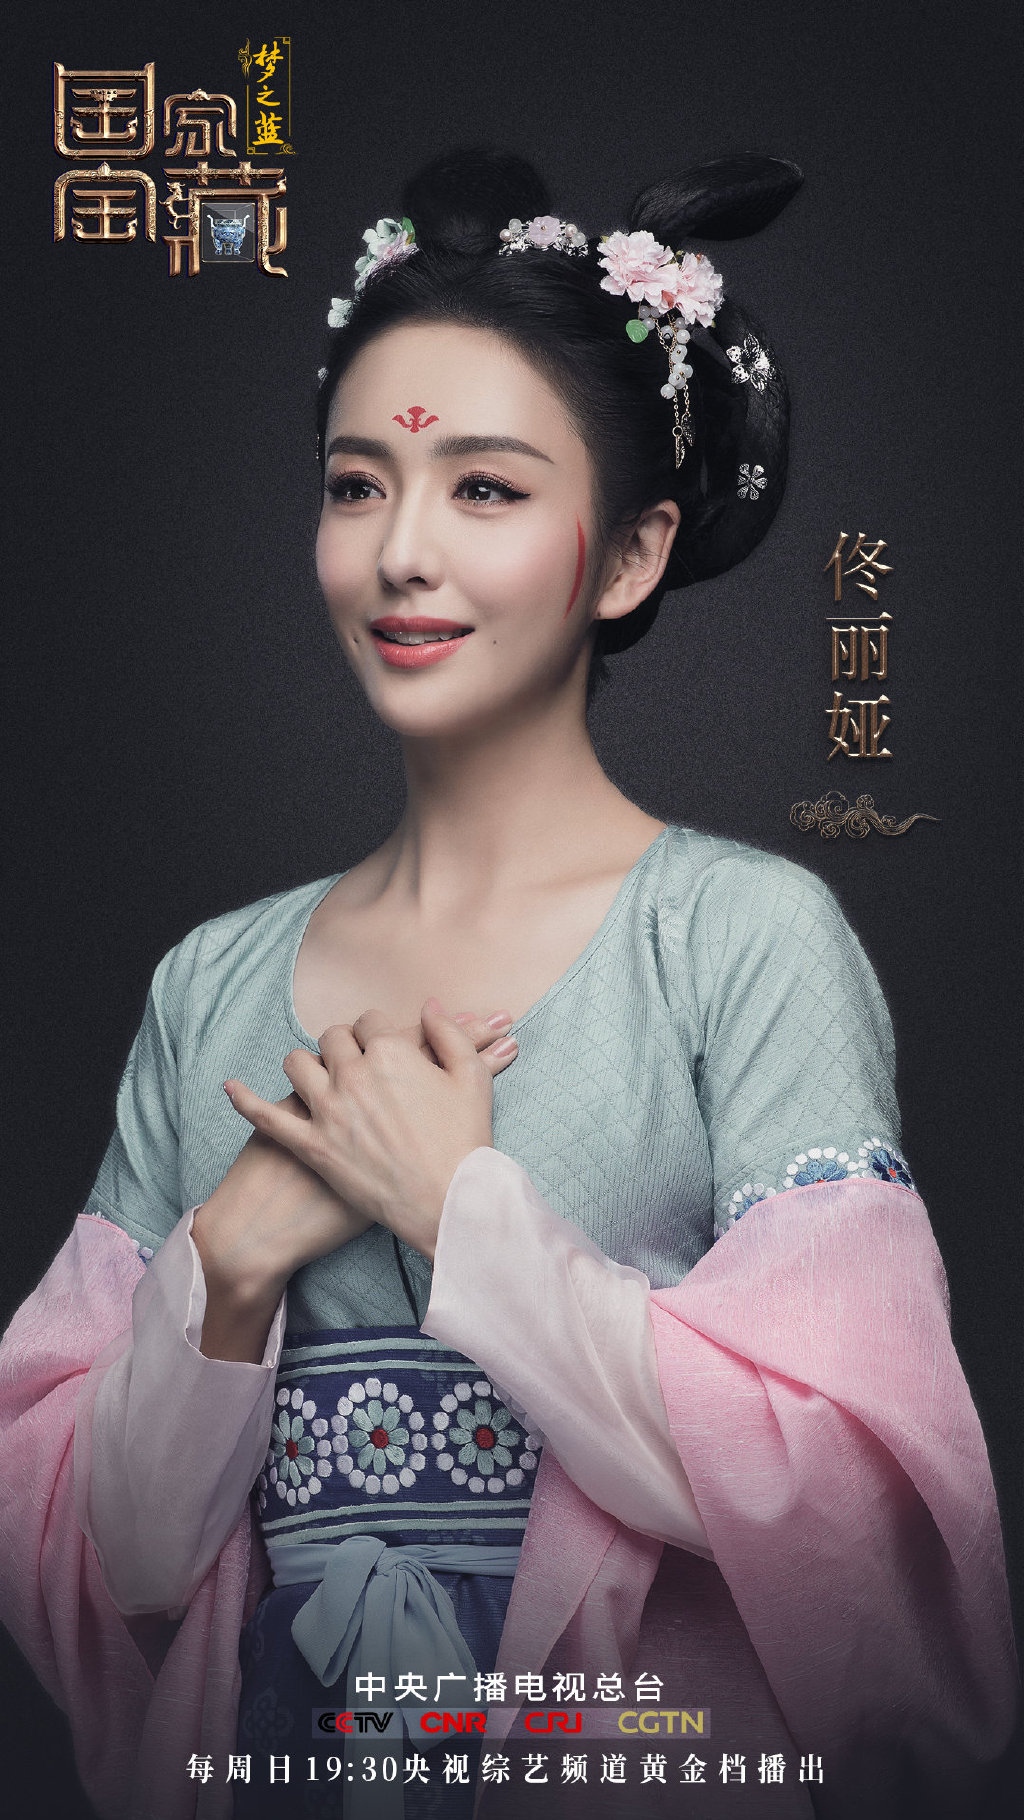 佟丽娅的阿妹造型太惊艳画好眉形绝对是神助古装性感图片